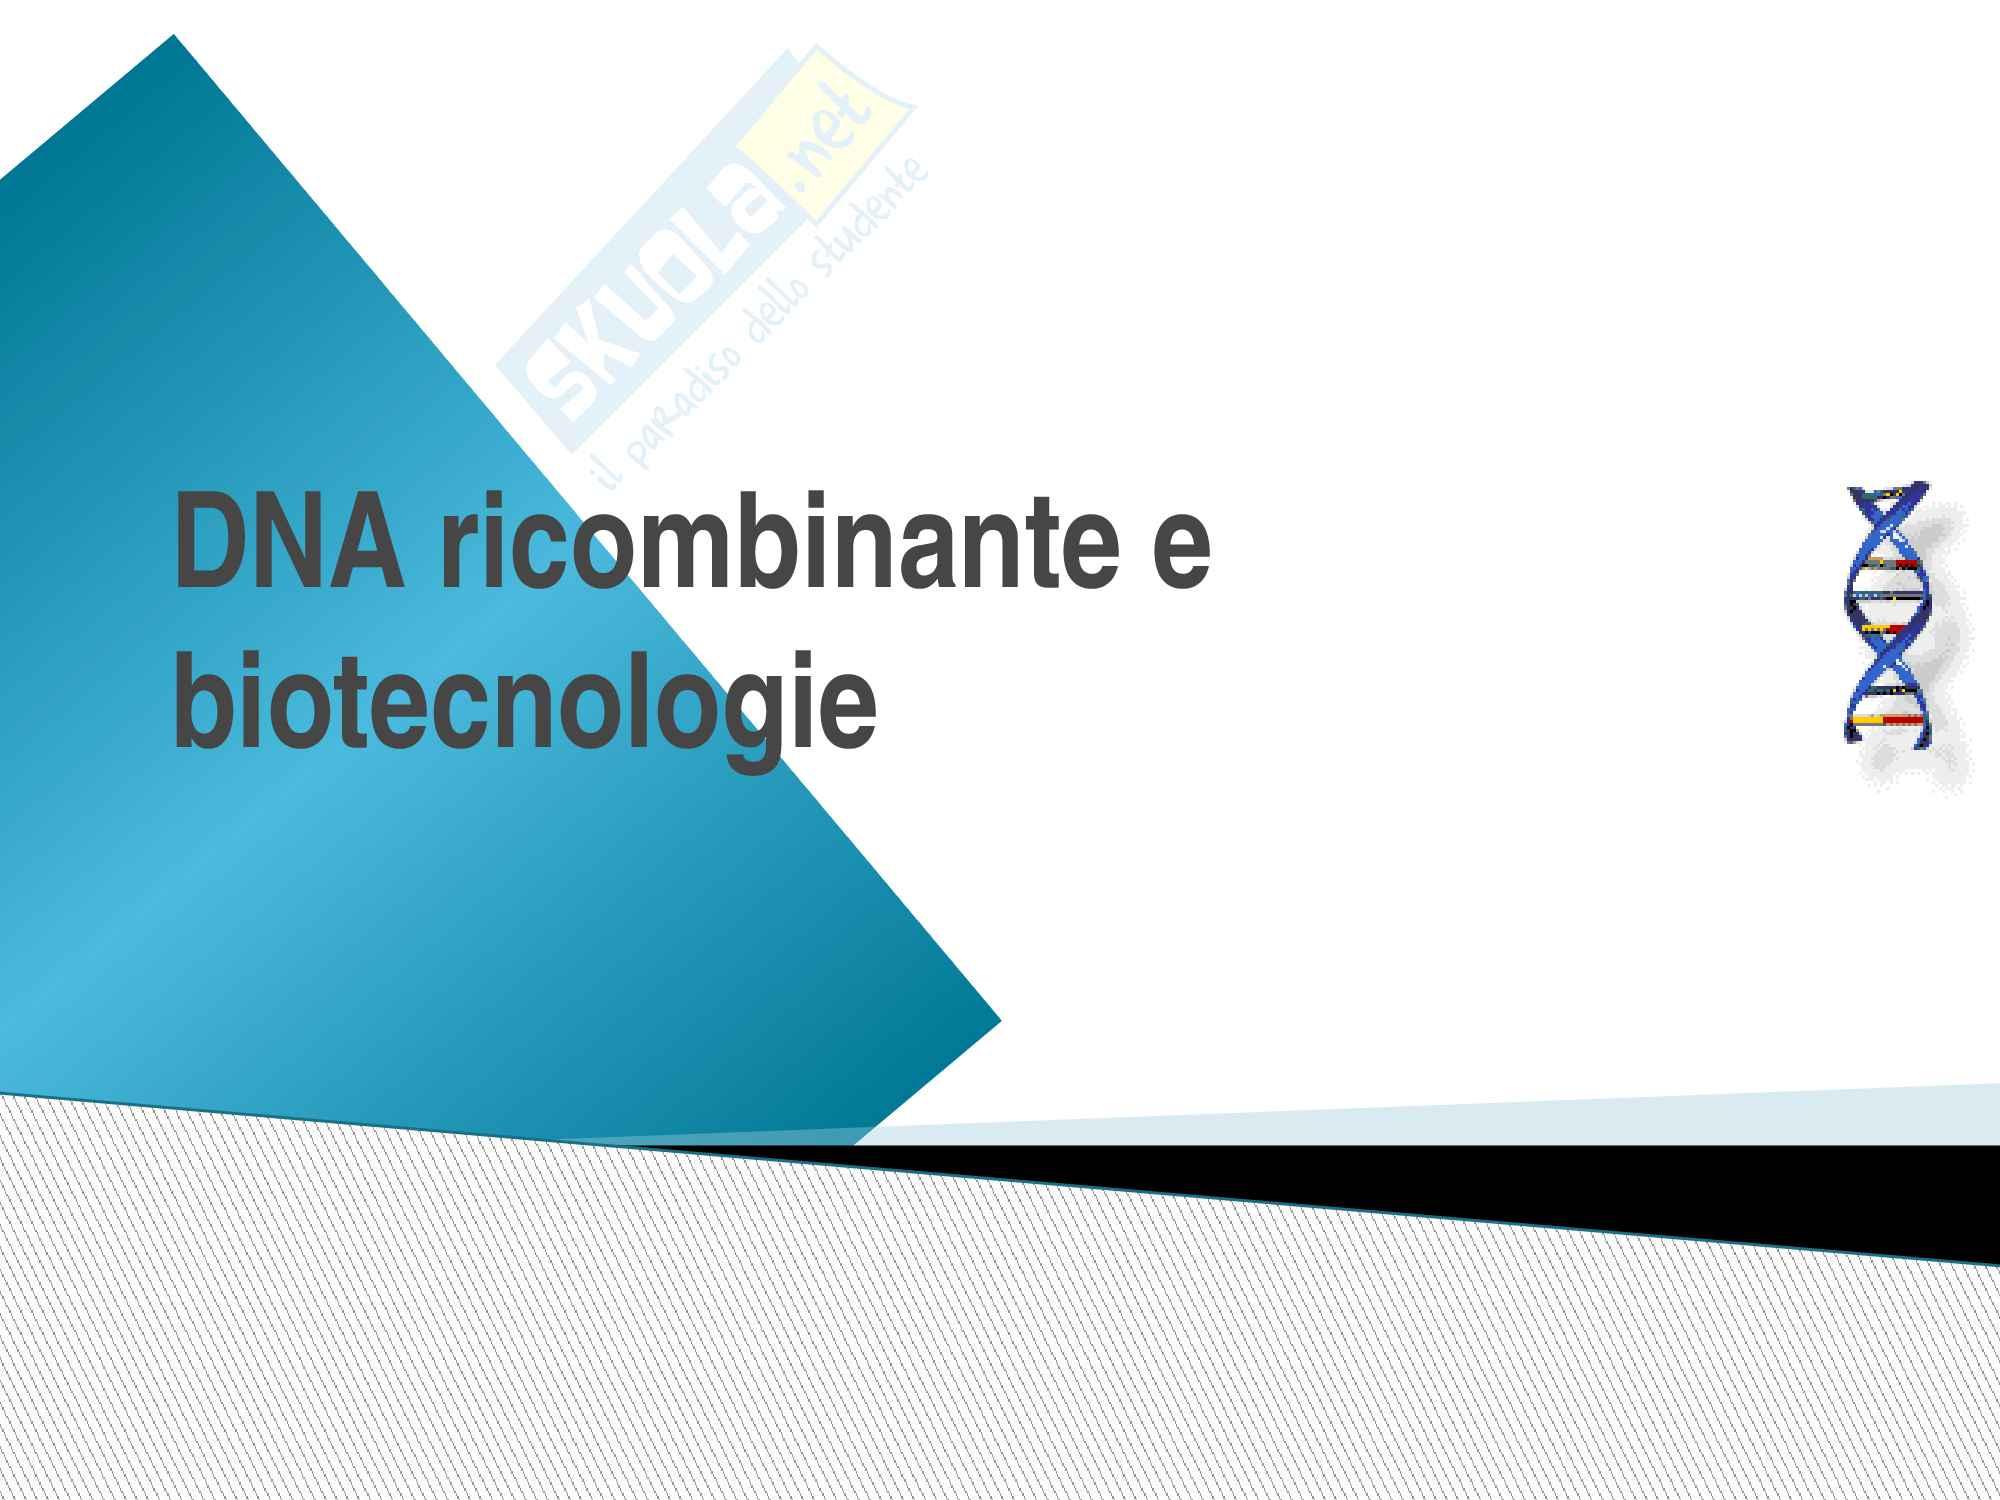 DNA ricombinante e biotecnologie